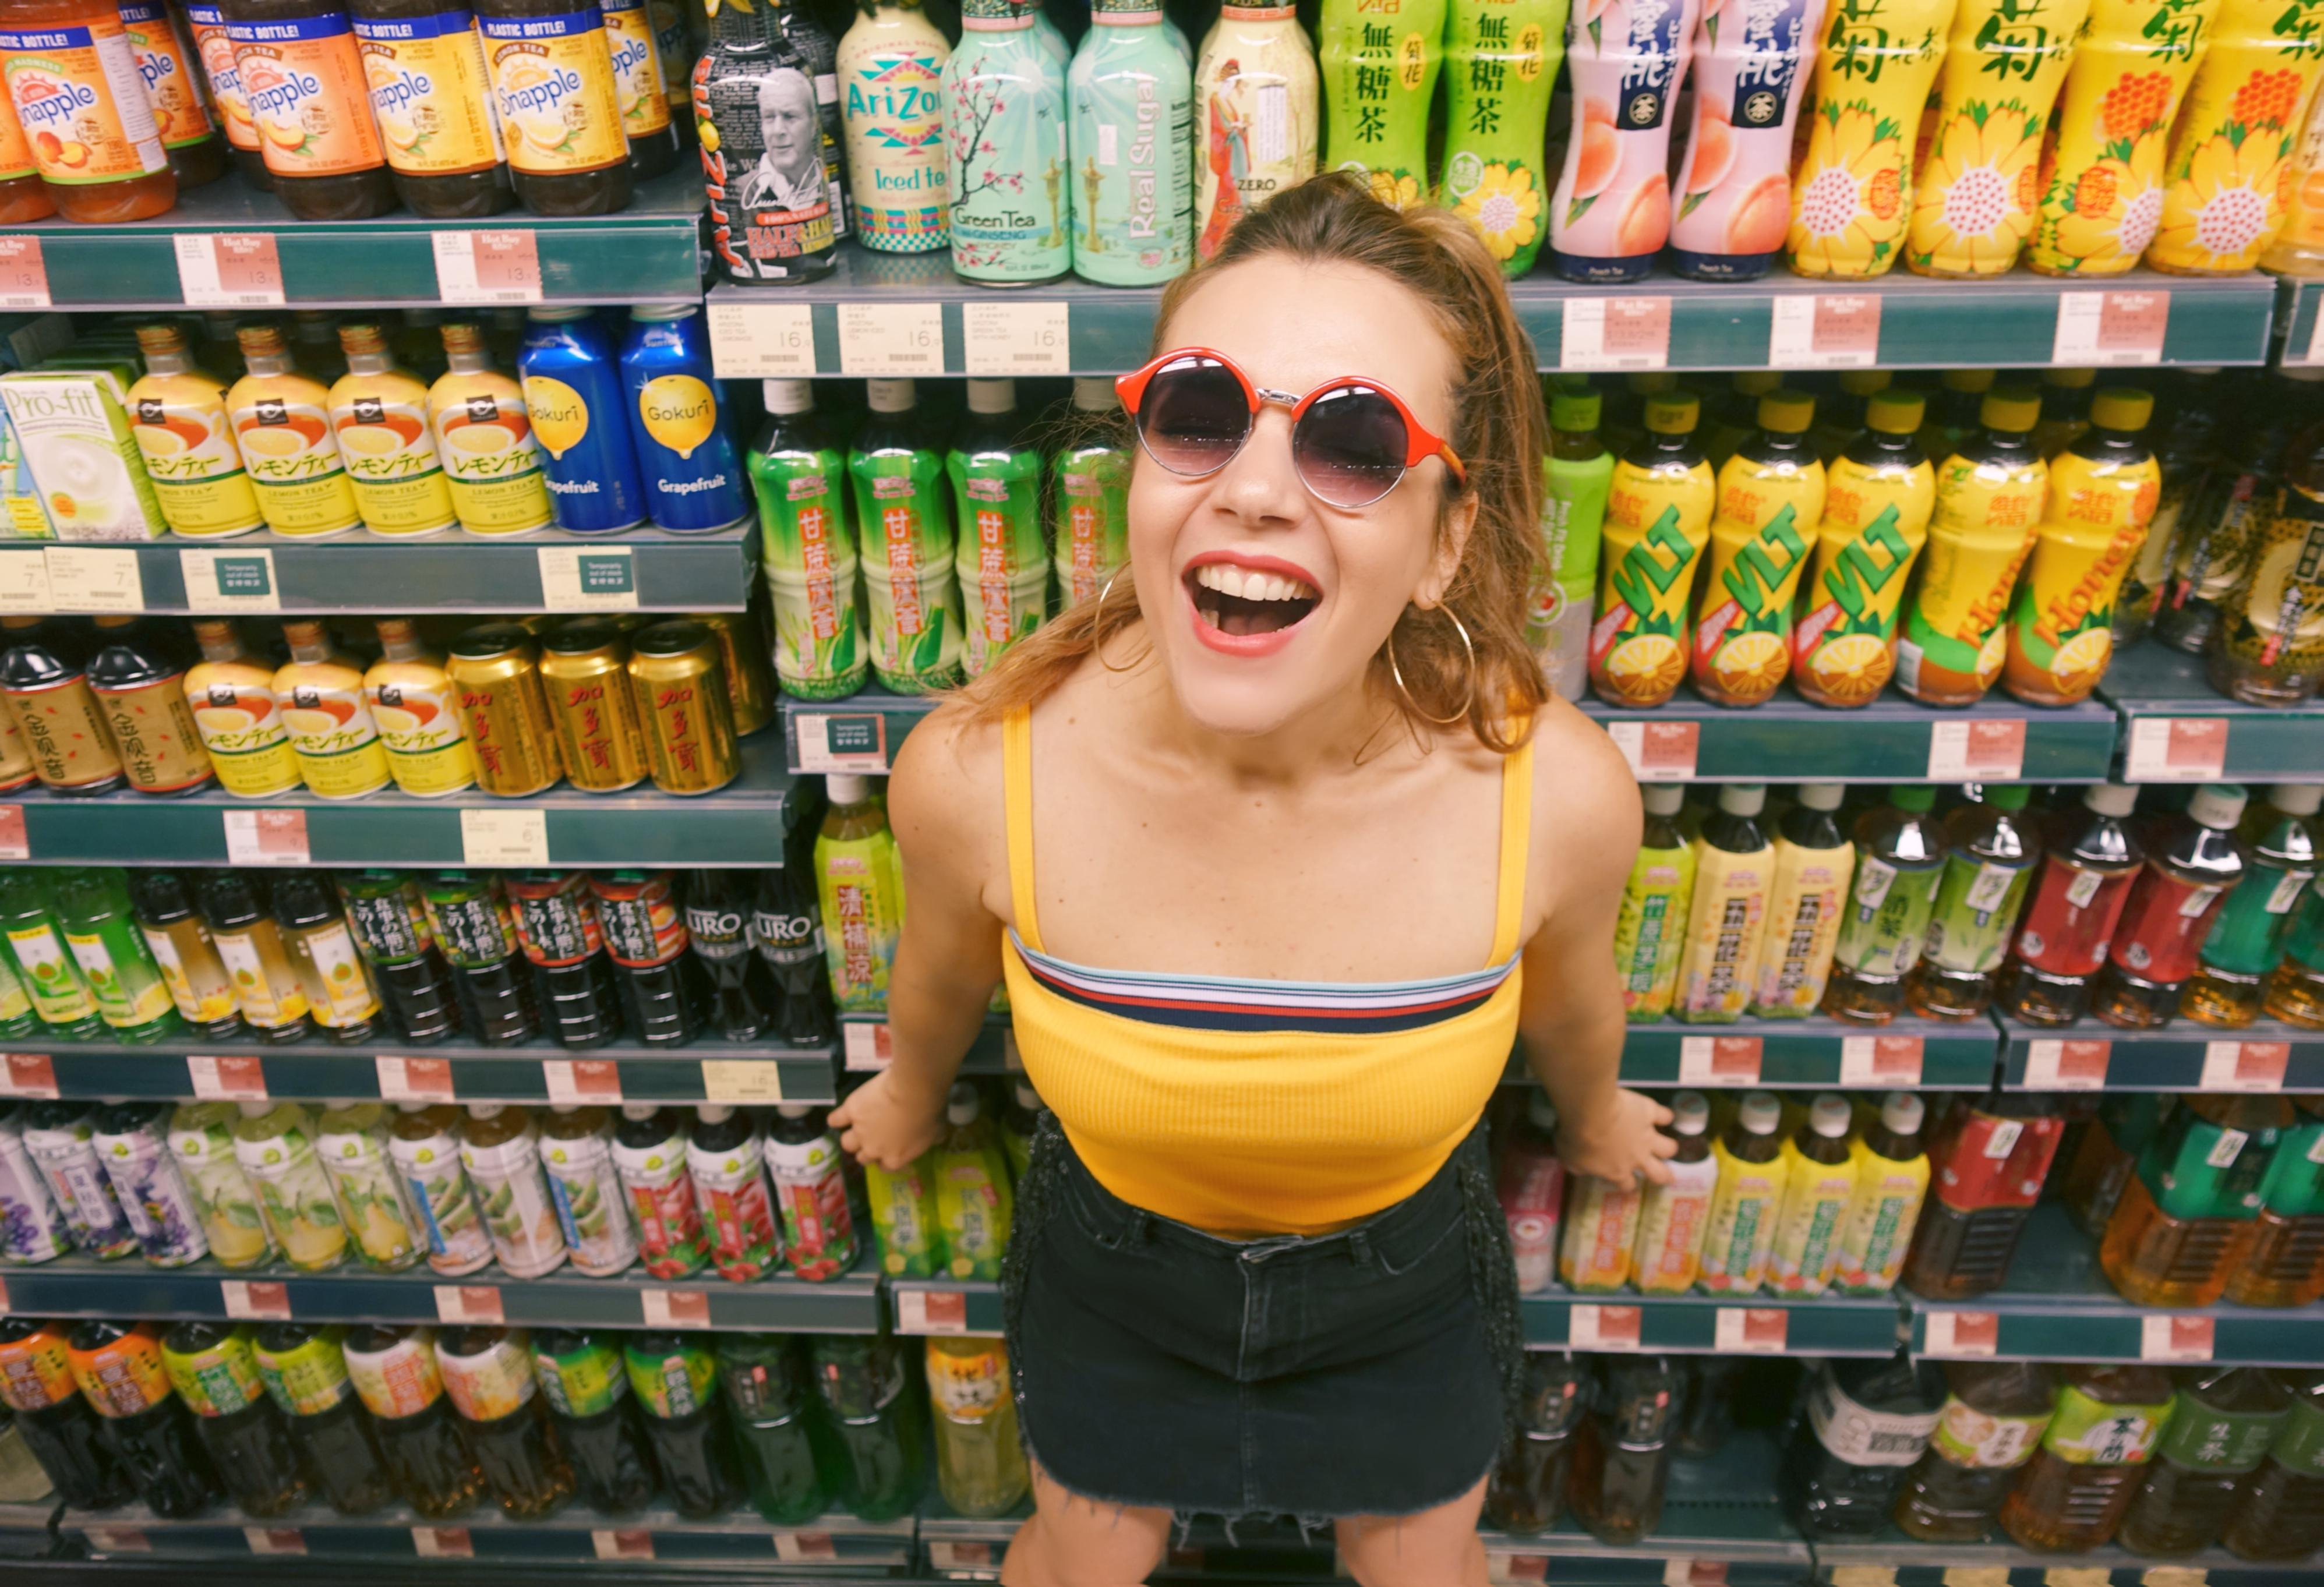 Blog-de-moda-Chicadicta-influencer-Piensa-en-Chic-fashion-travel-que-ver-en-hong-kong-supermercado-chino-PiensaenChic-Chic-adicta